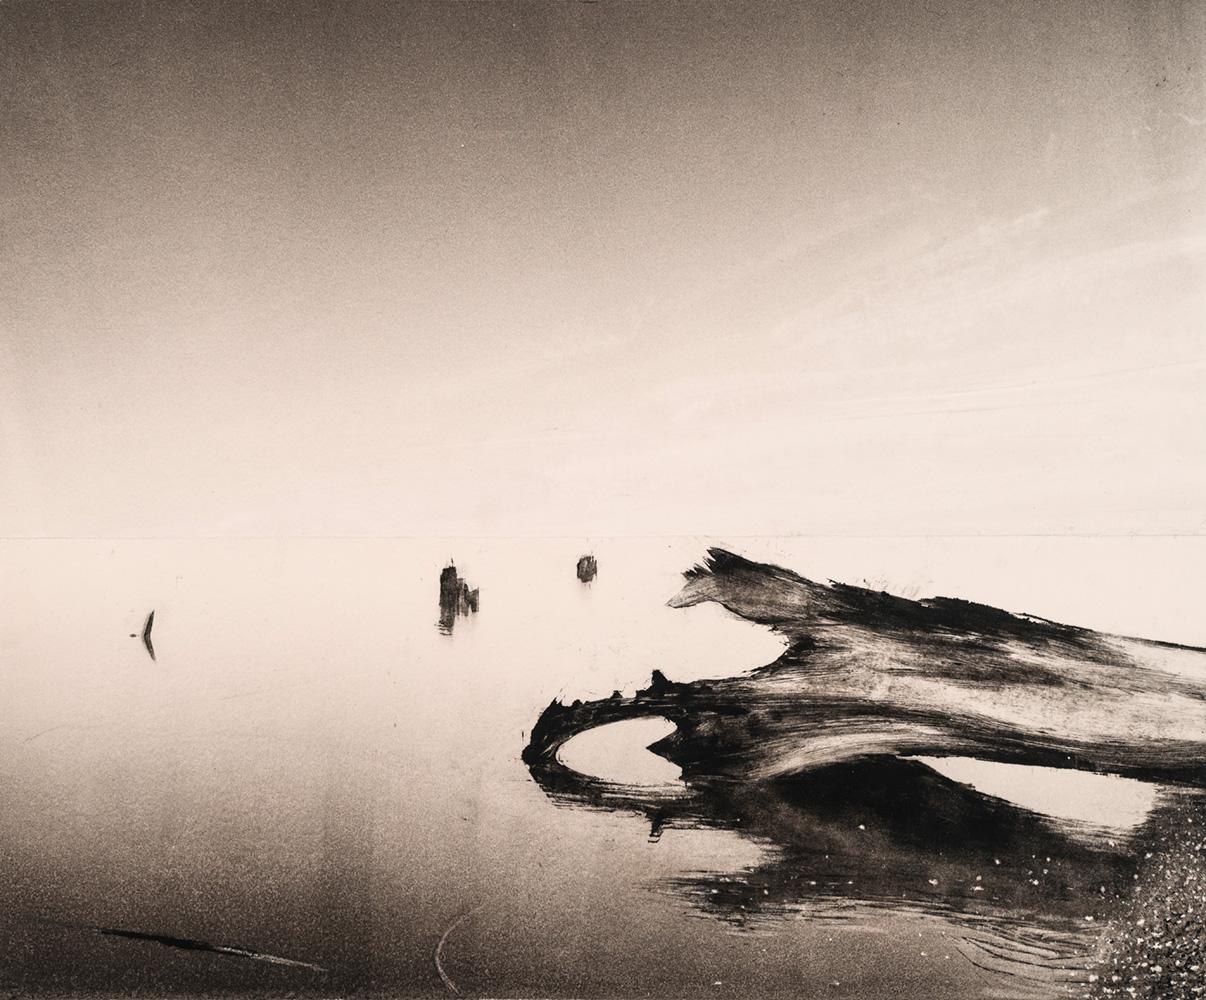 13.fallen-tree-dusk